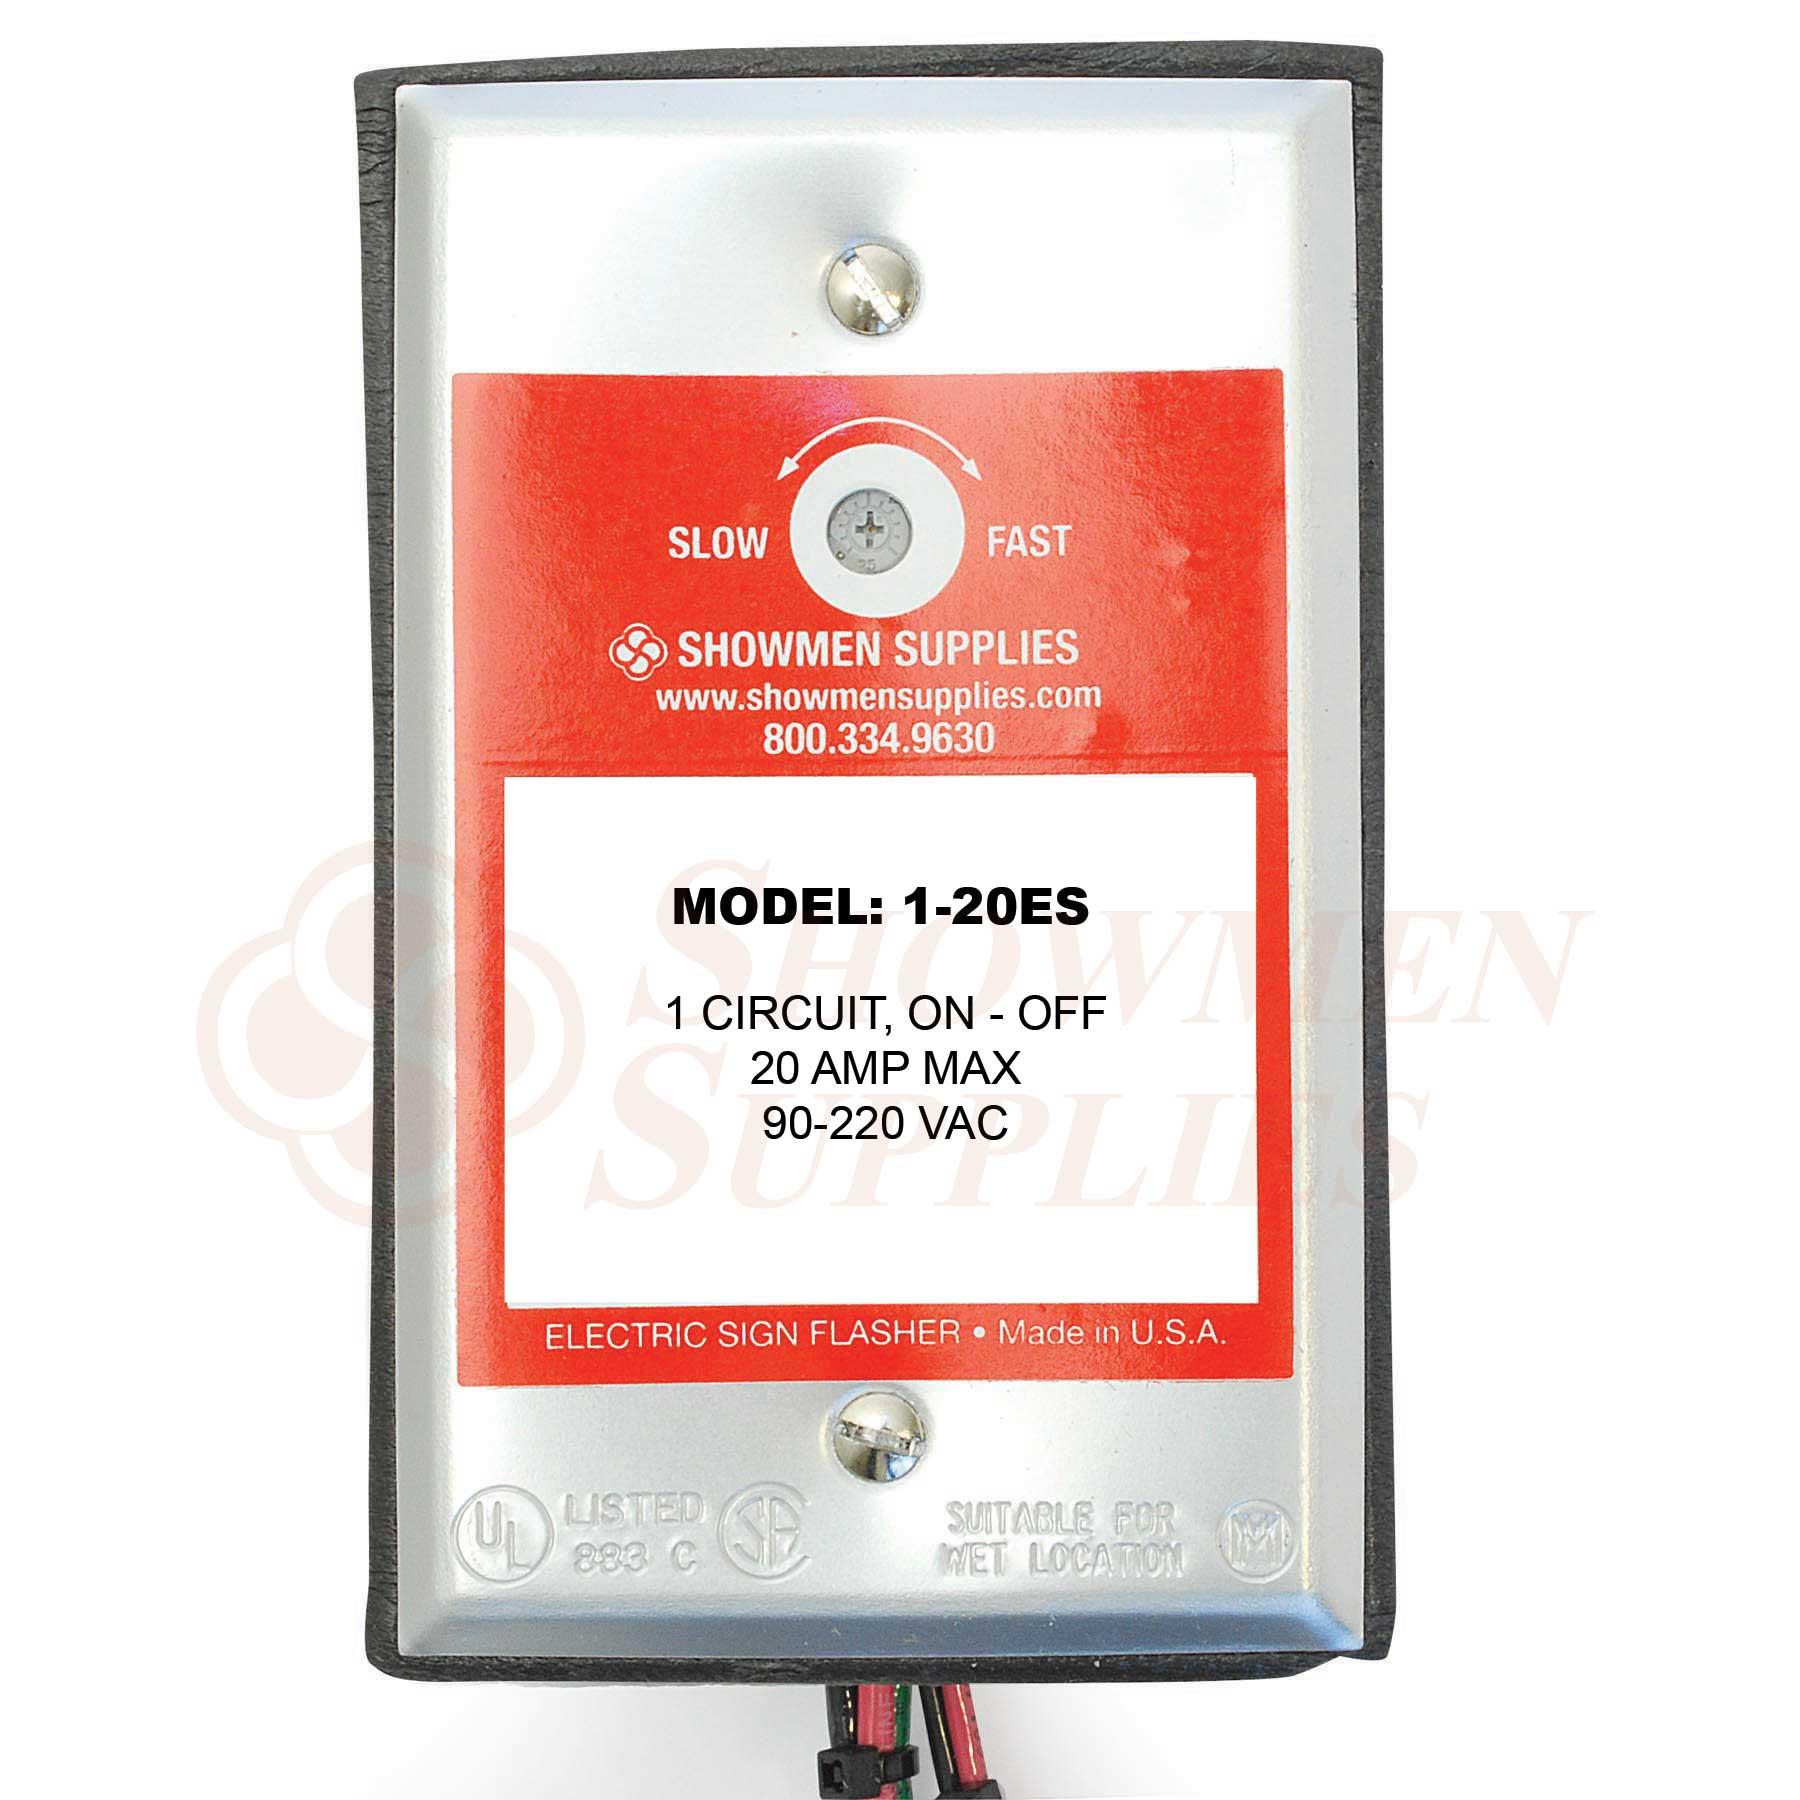 1-20ES Flasher - 1 Circuit